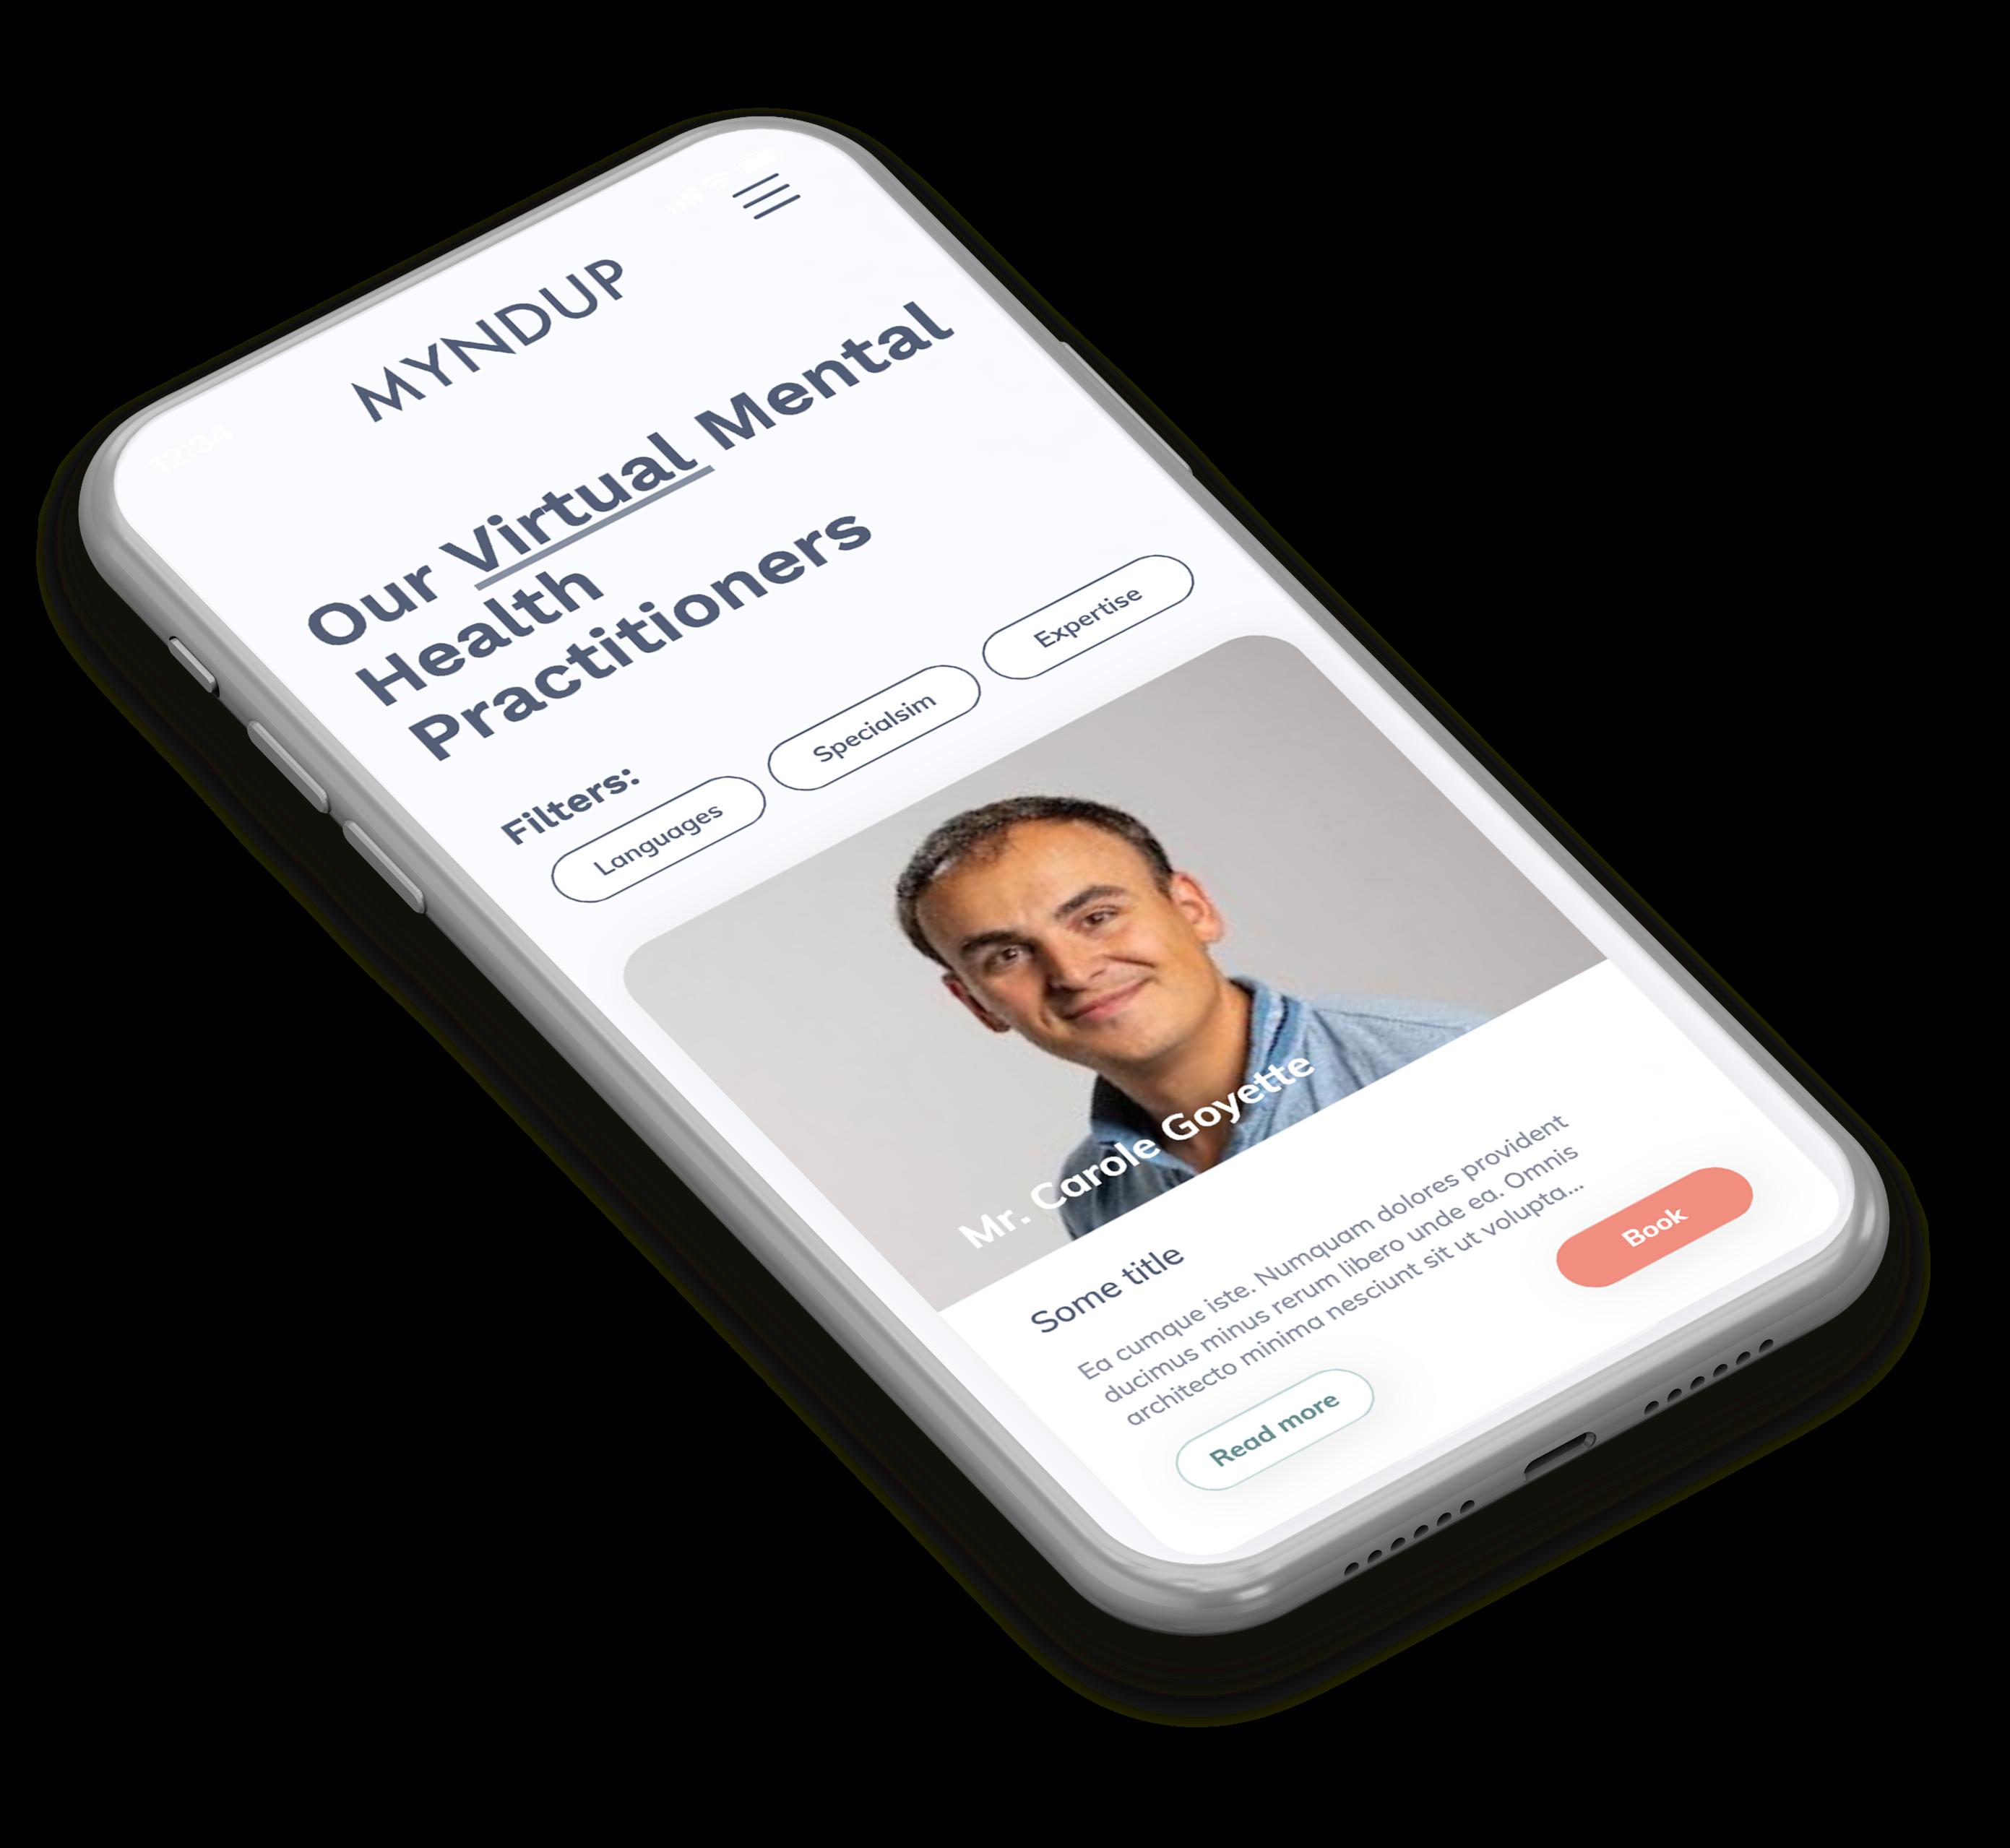 Myndup Mobile Image 1